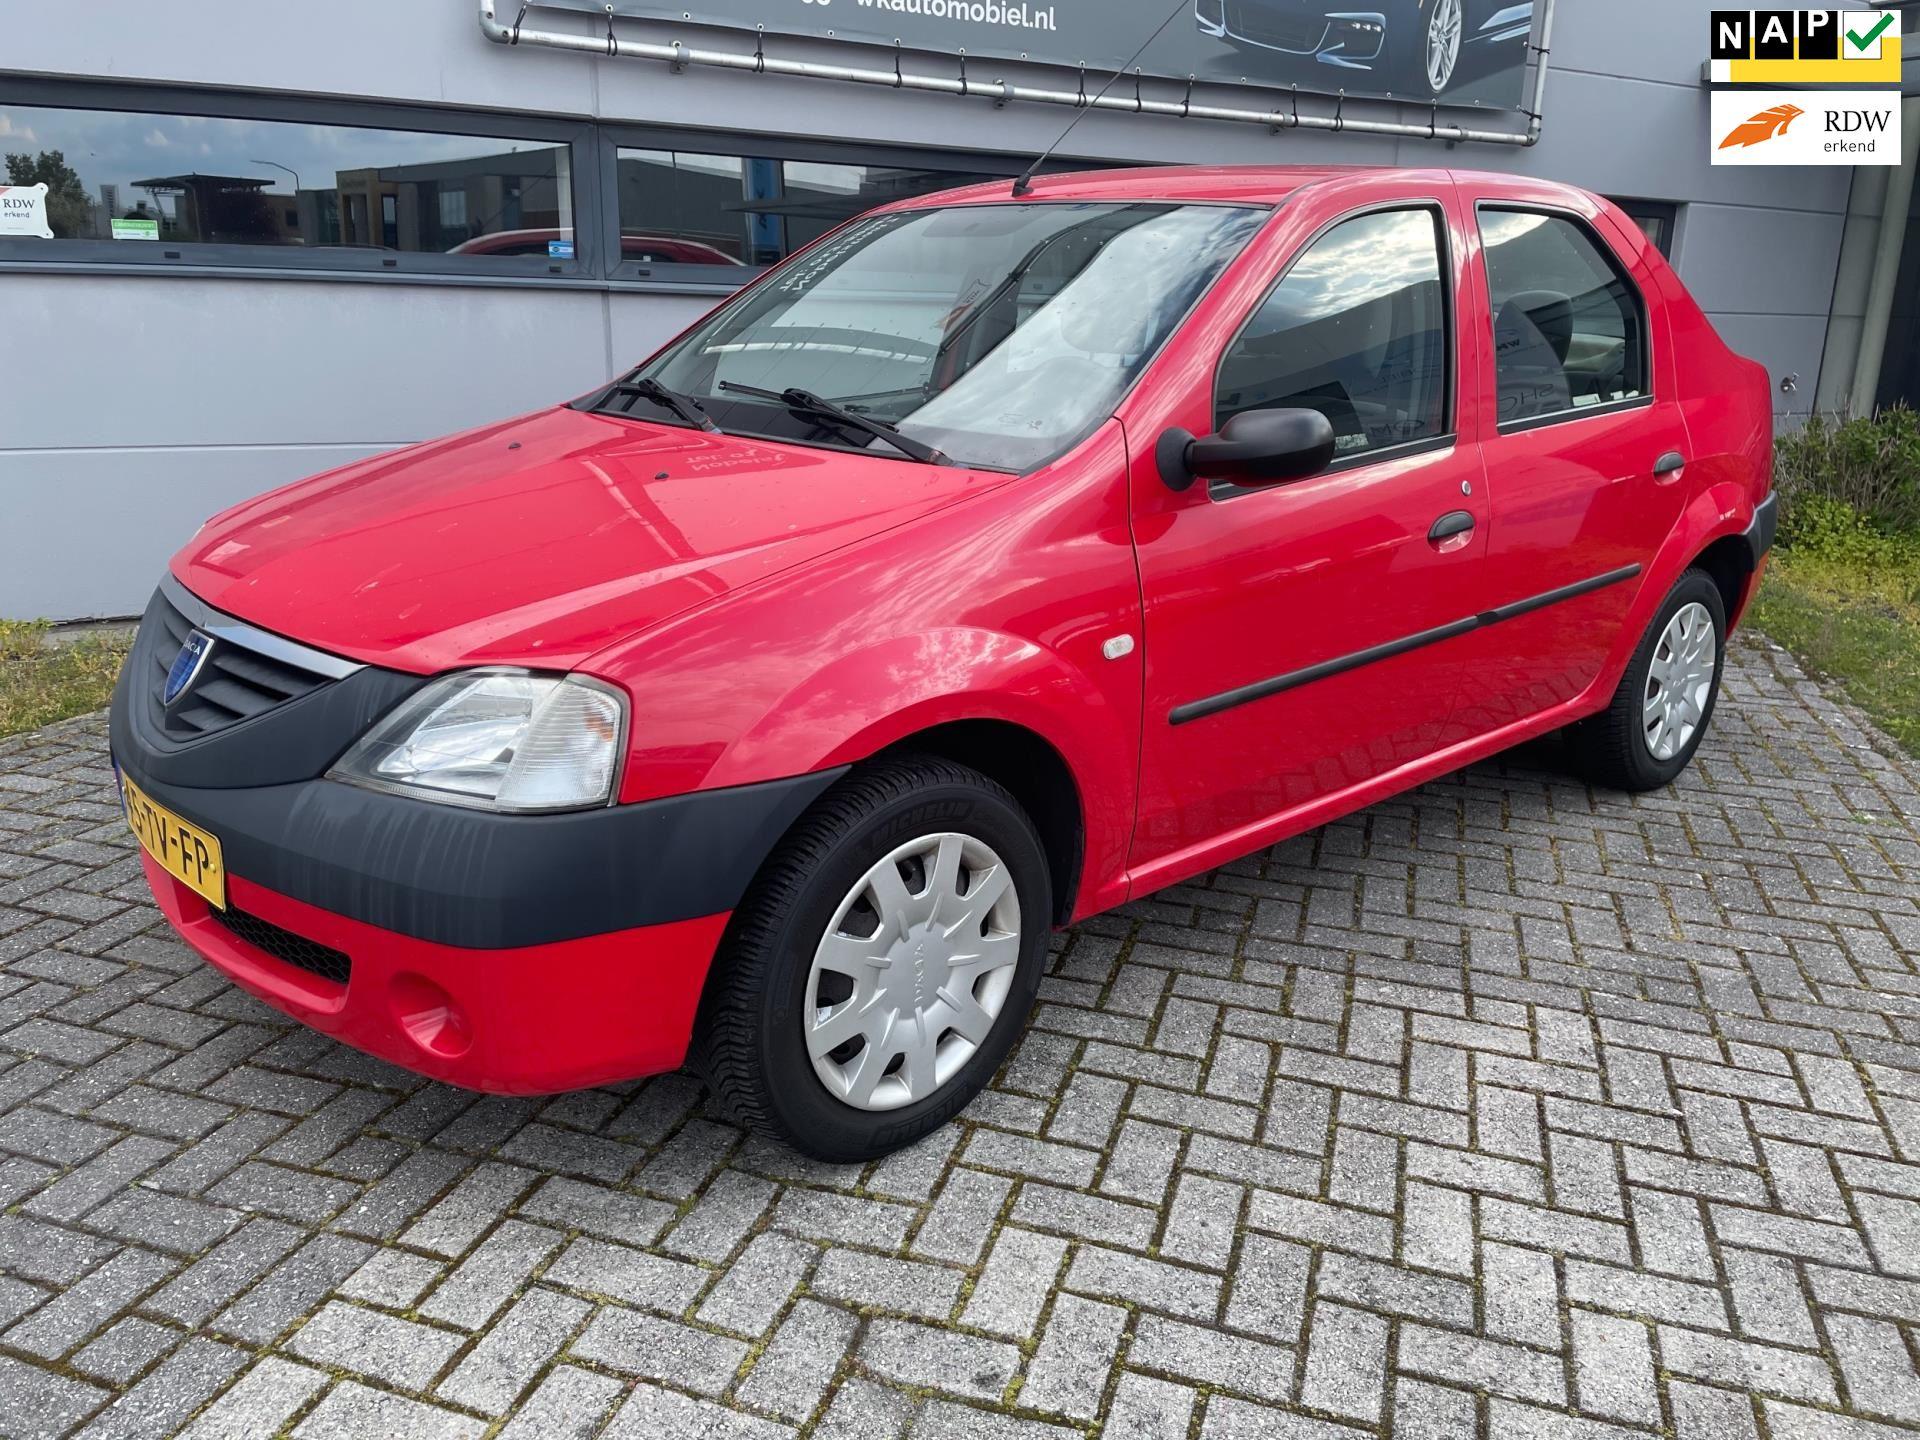 Dacia Logan occasion - WK Automobiel